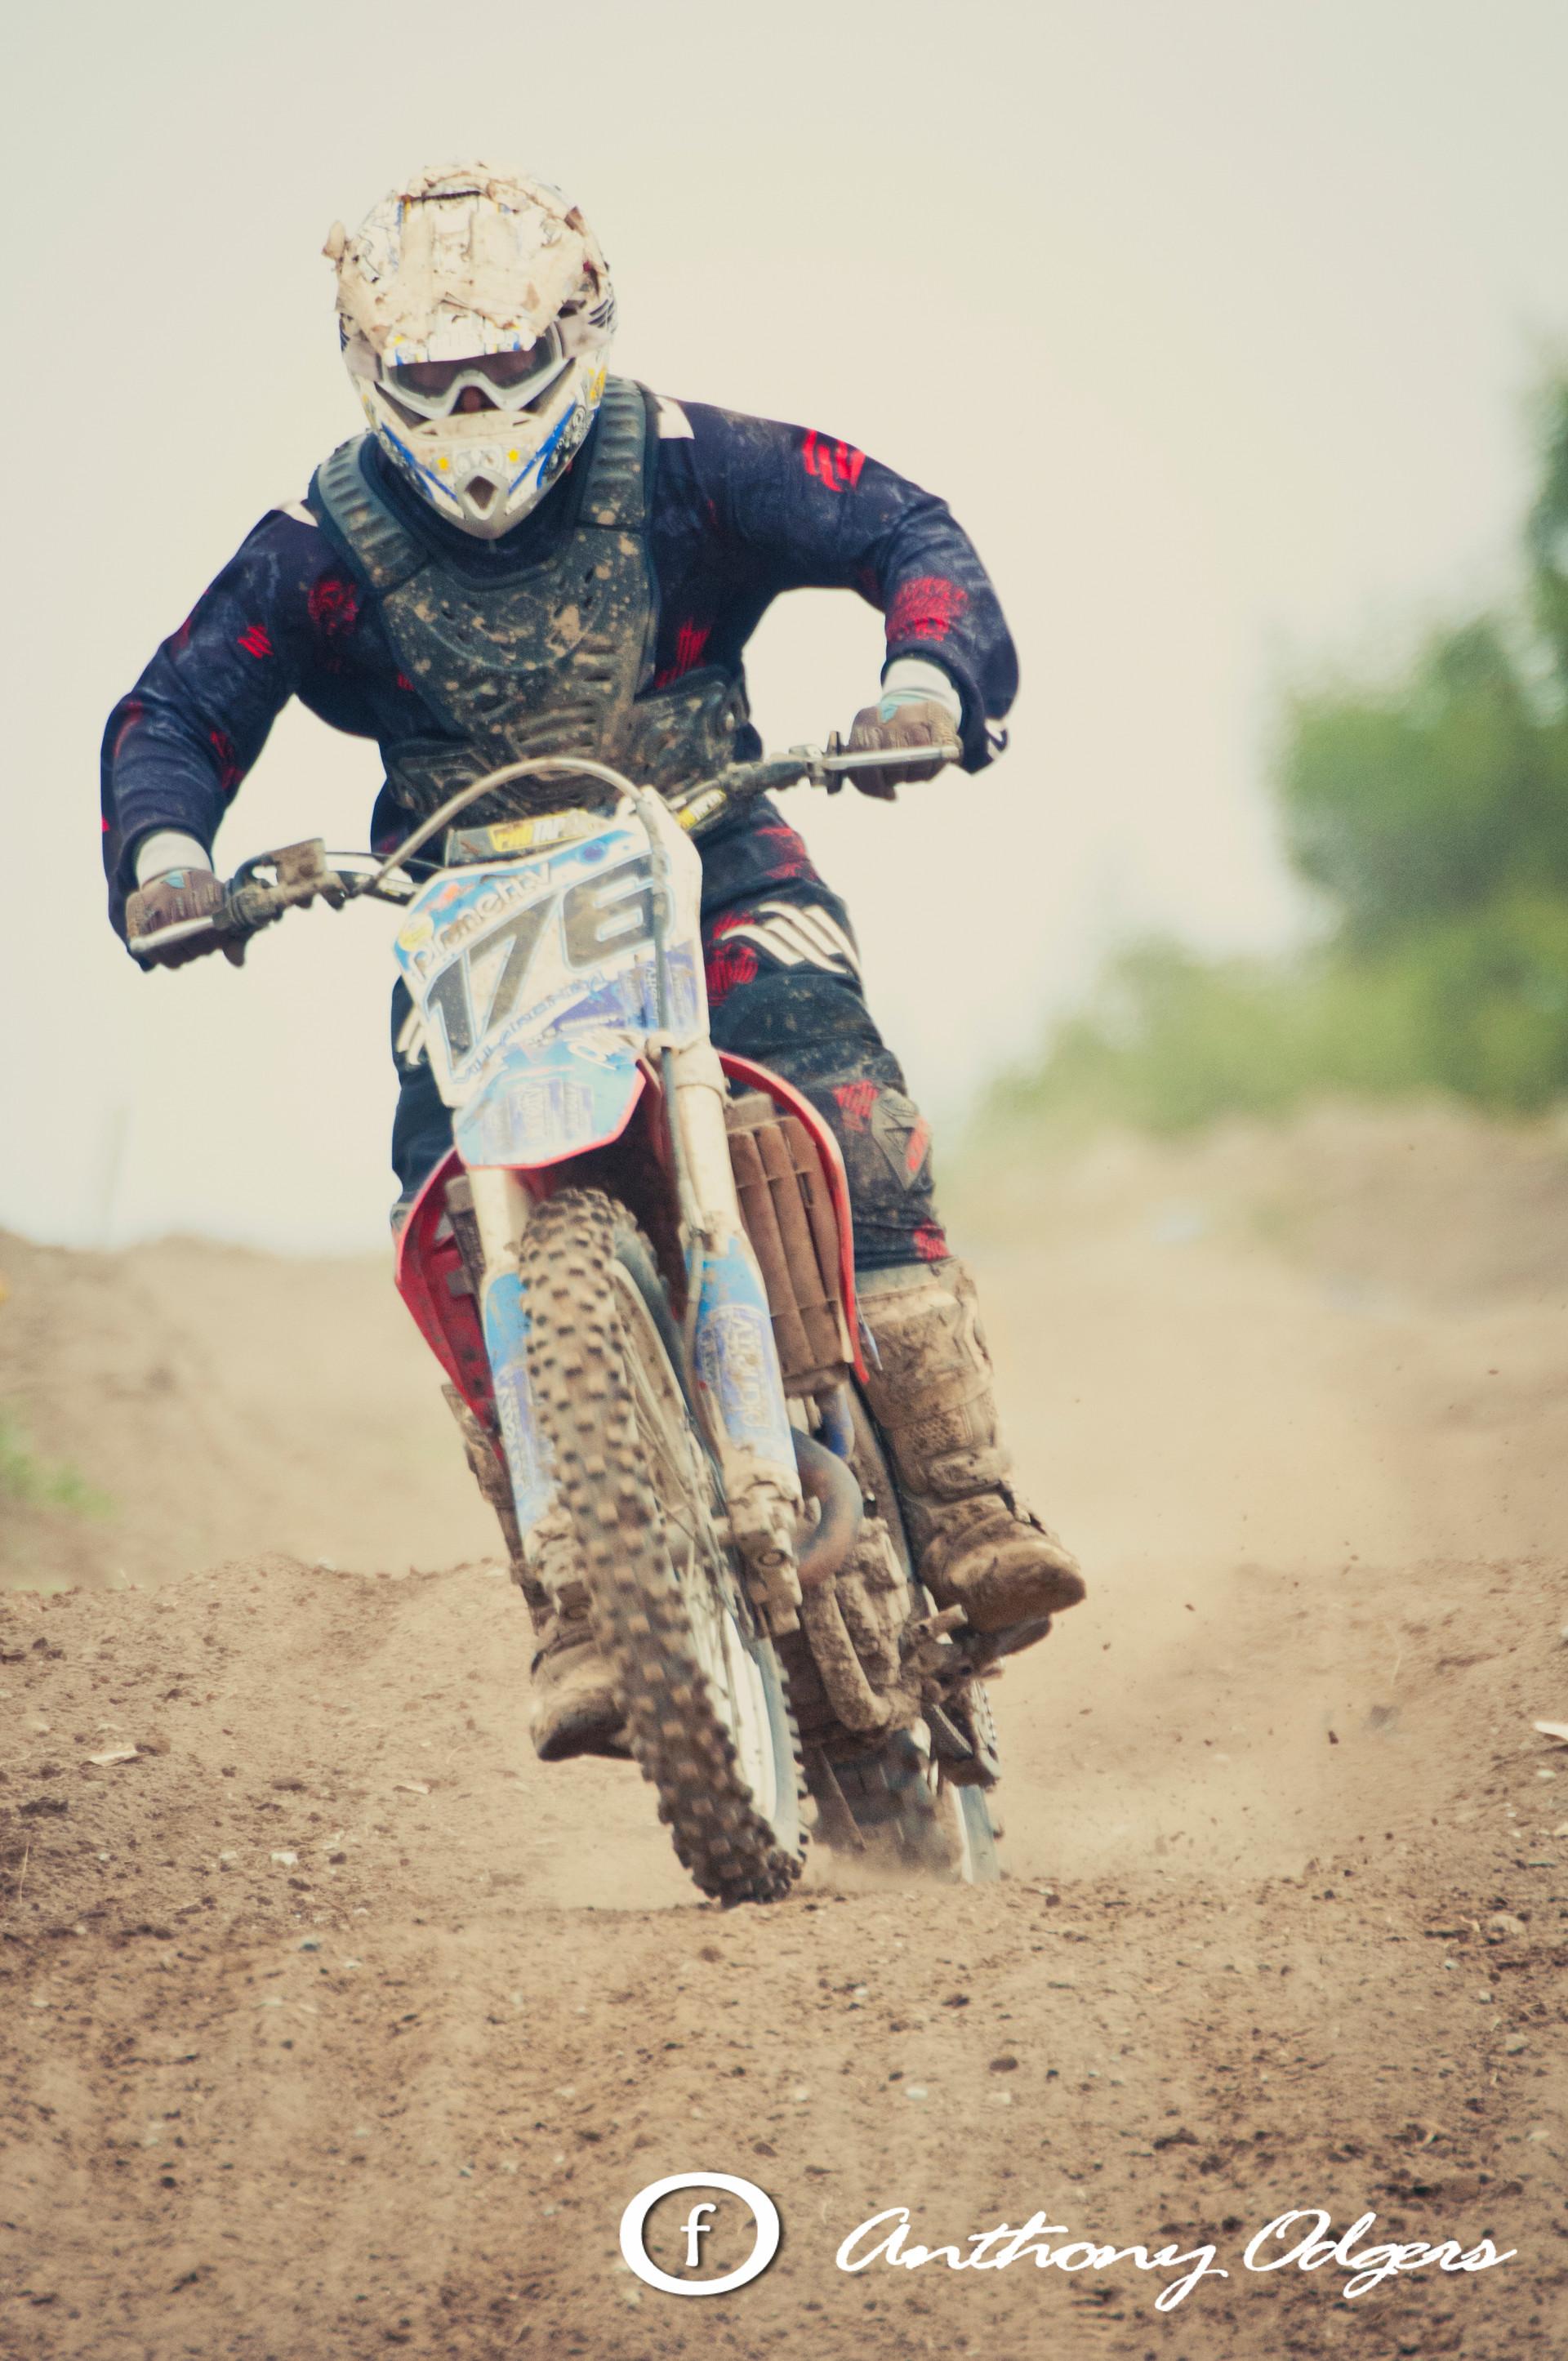 2013-01-06-Motocross Enduro-31.jpg